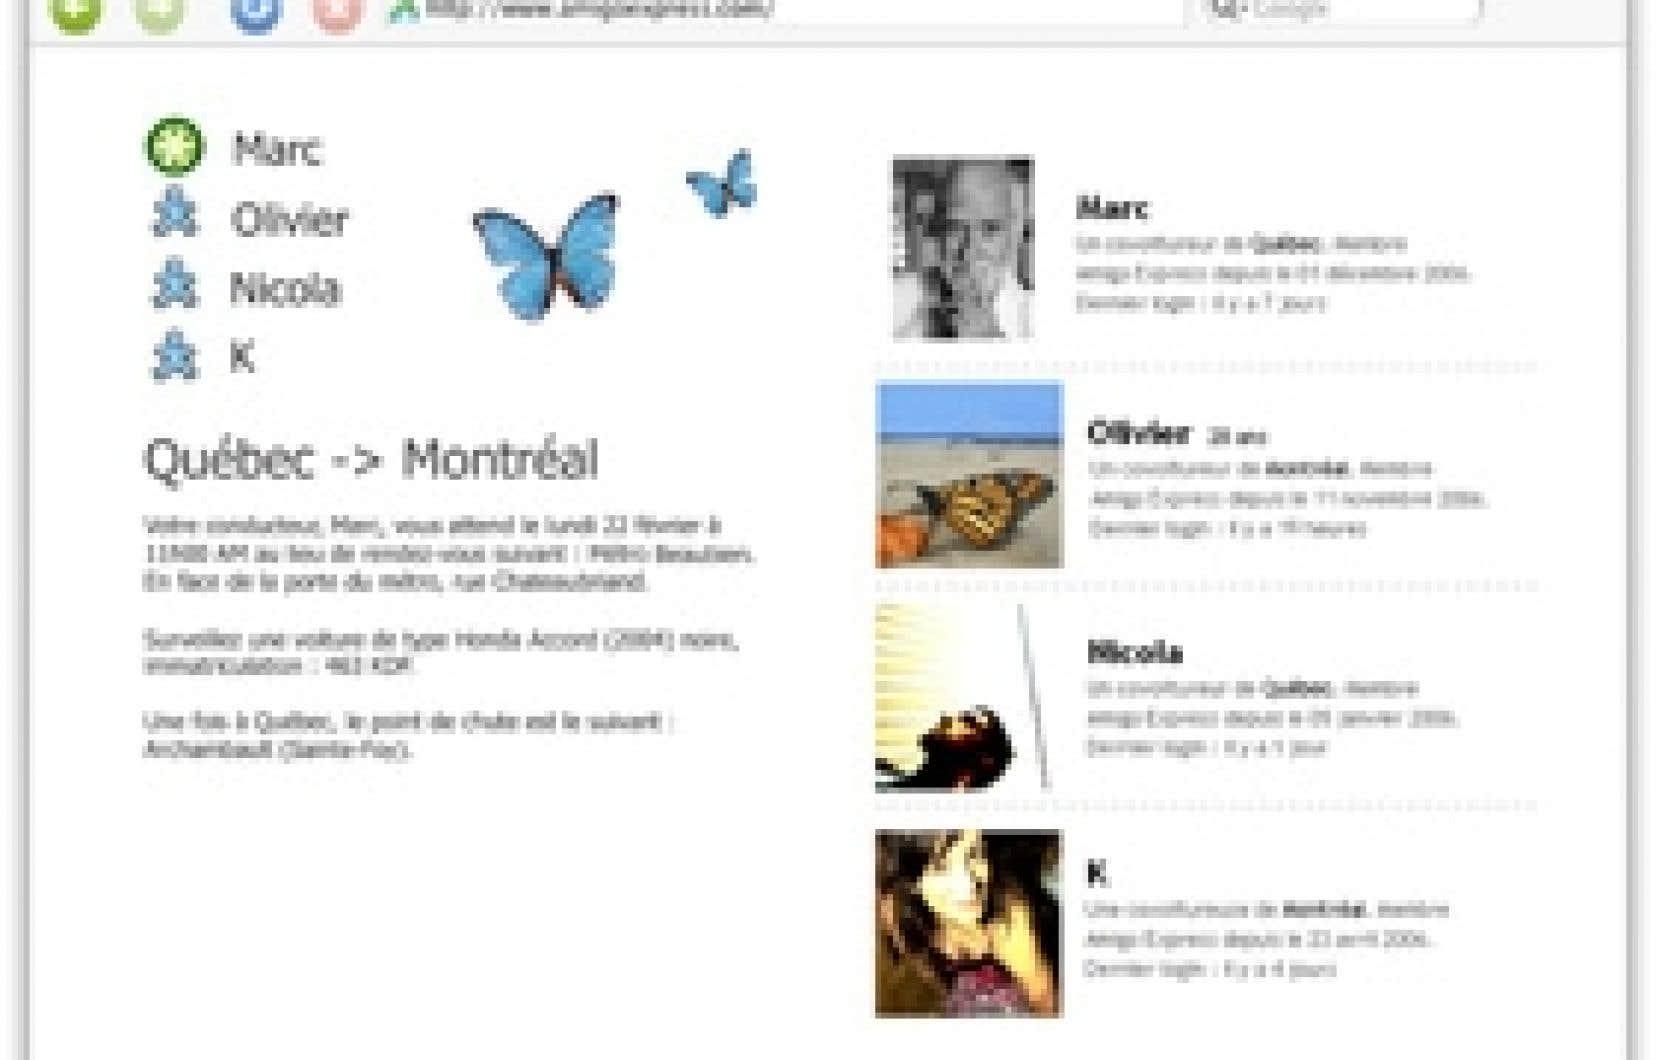 Les usagers d'Amigo Express (www.amigoexpress.com) peuvent créer leur profil en ligne semblable à ceux que l'on retrouve sur MySpace ou Facebook, avec une photo et des renseignements sur leurs intérêts, leur profession.